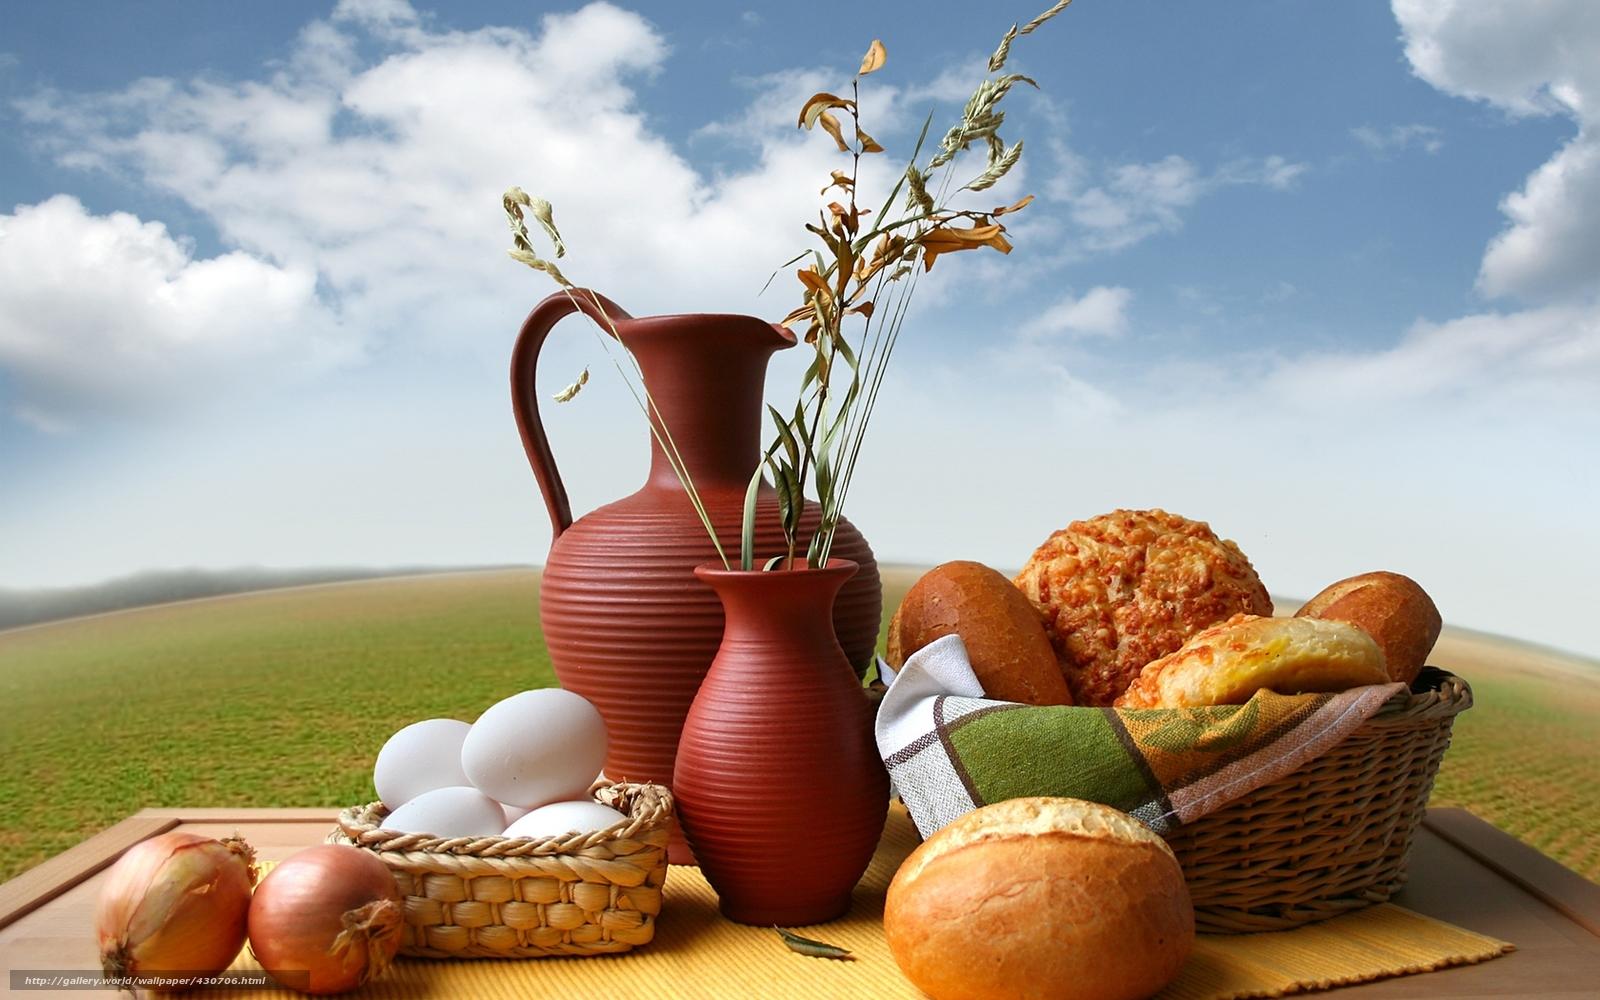 Скачать обои хлеб,  выпечка,  корзина,  яйца бесплатно для рабочего стола в разрешении 1680x1050 — картинка №430706